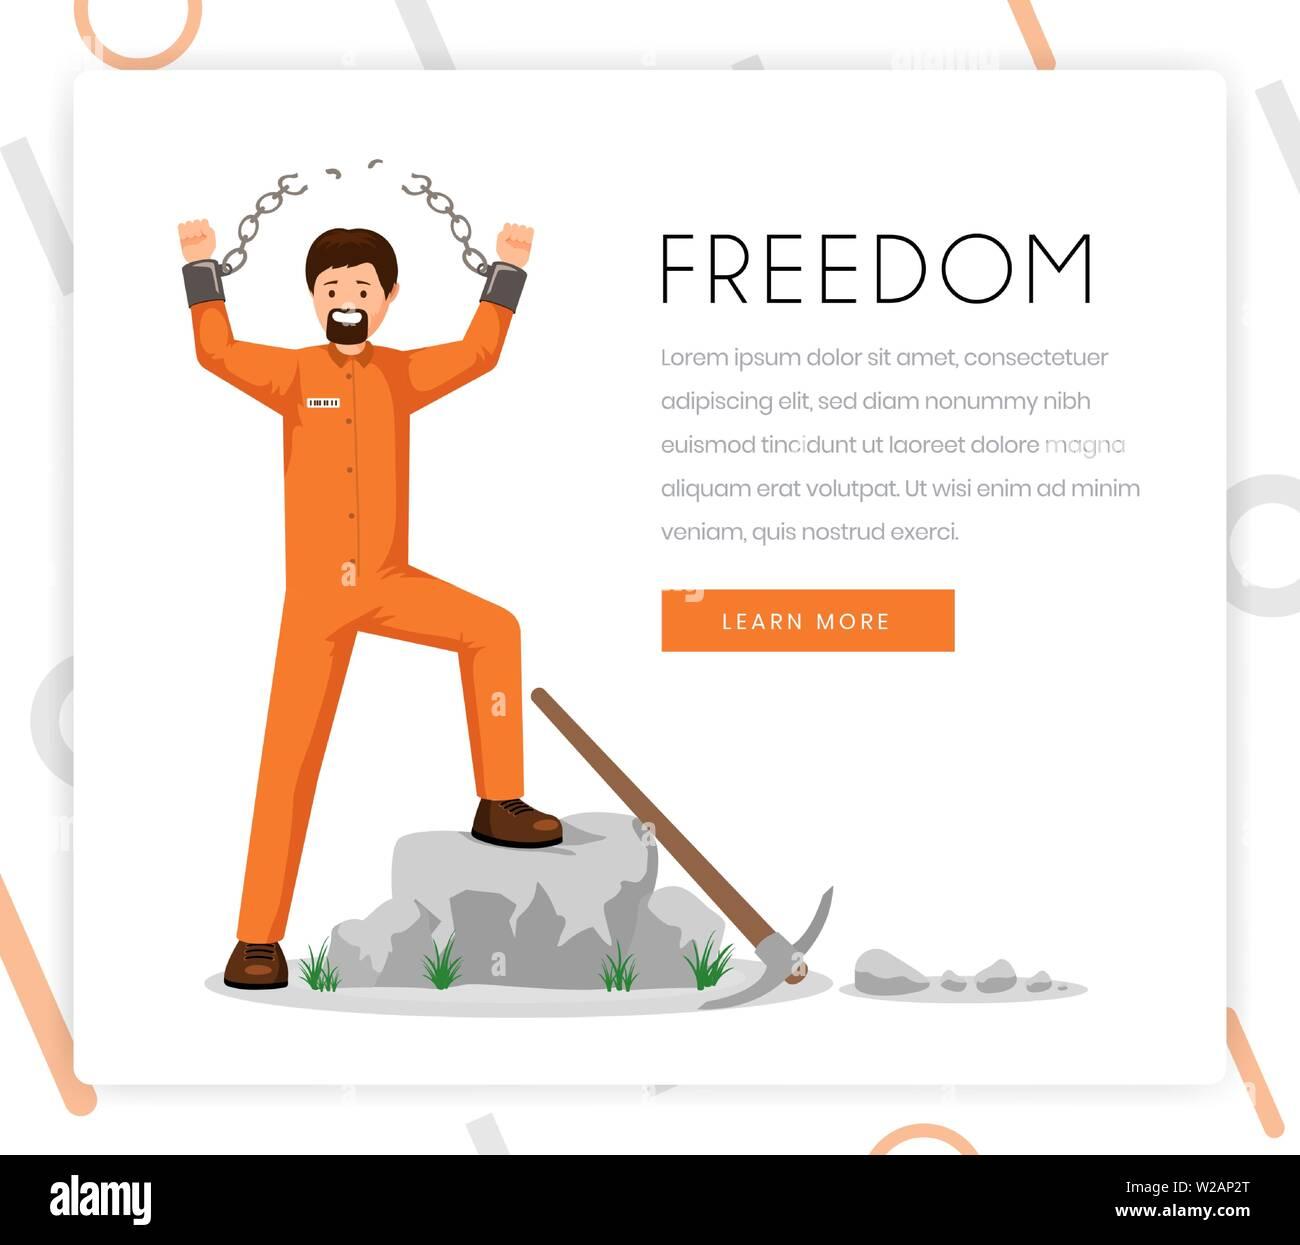 Eroberung der Freiheit Vektor landing page Template. Befreiten Gefangenen, überführen sie in Uniform mit gebrochenen Schäkel mit siegreichen Geste flachbild Charakter. Organisation für Menschenrechte homepage design Layout Stockbild